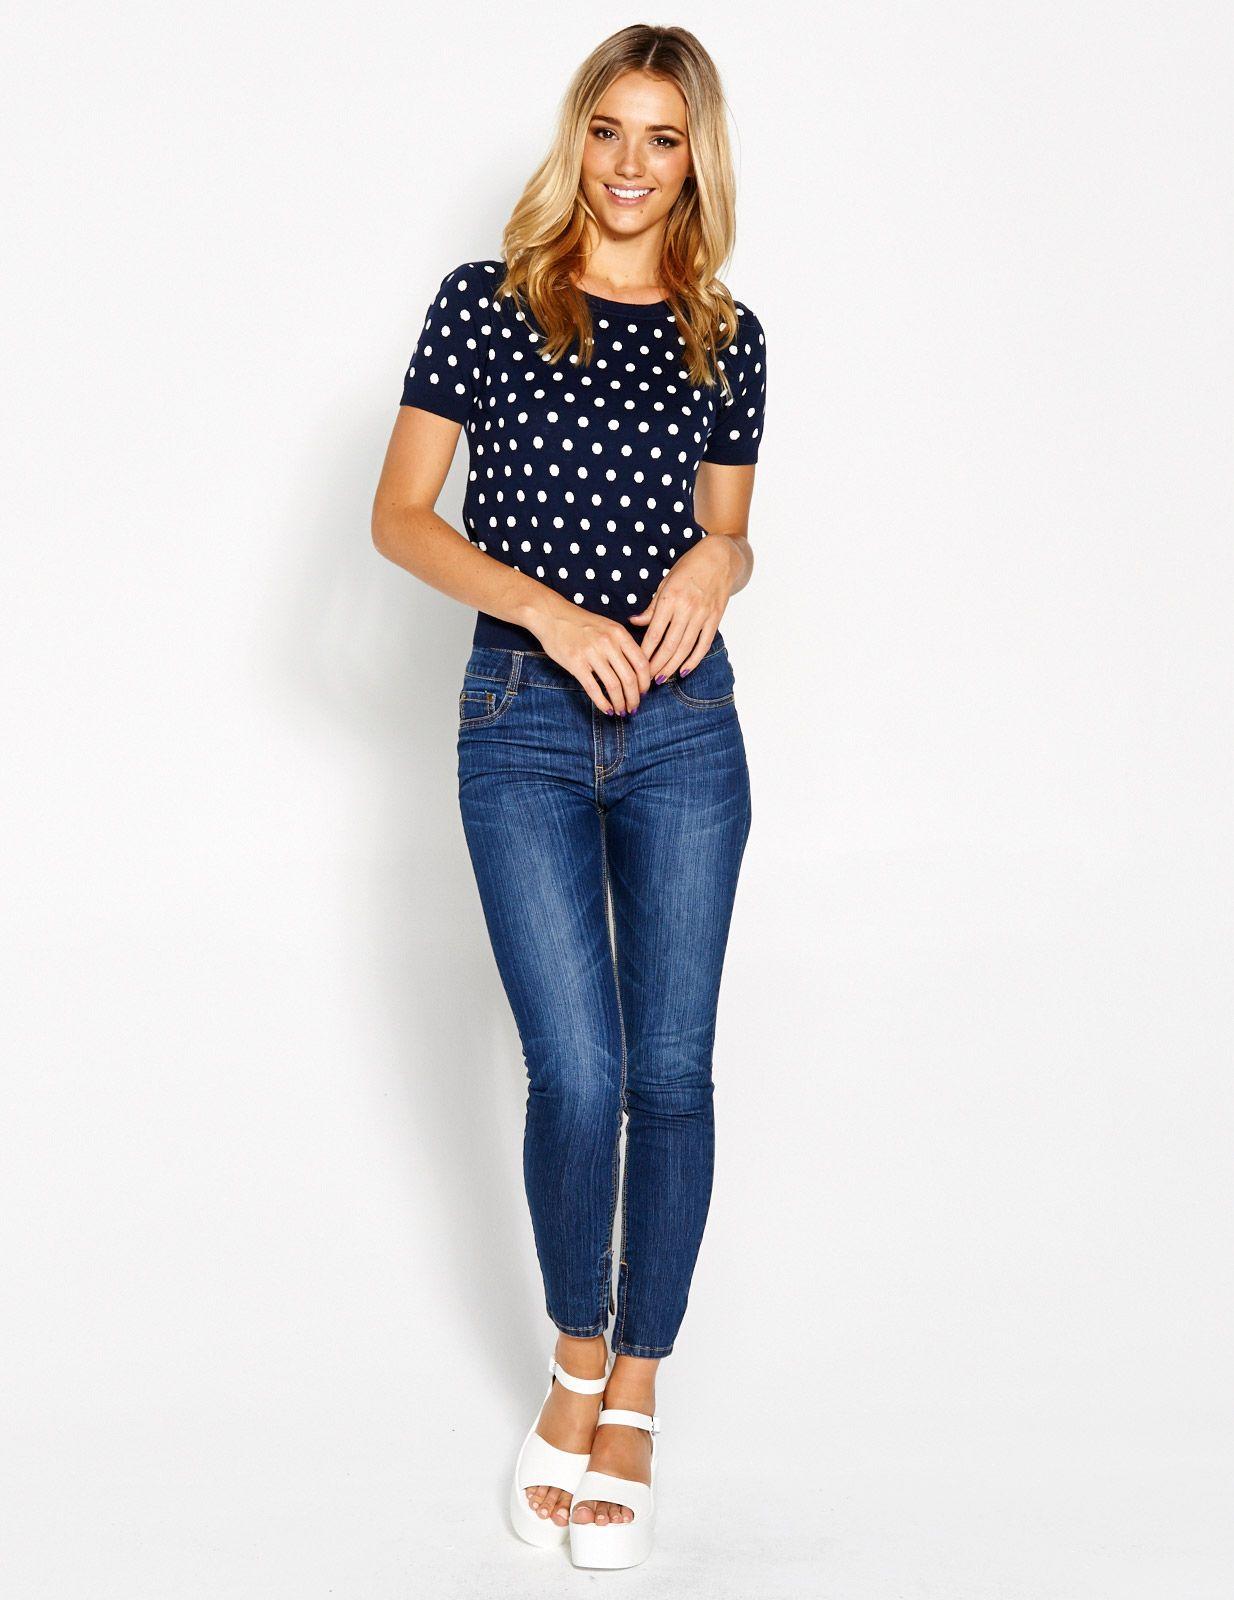 Du Wop Spot Jumper | Dotti | Clothes | Pinterest